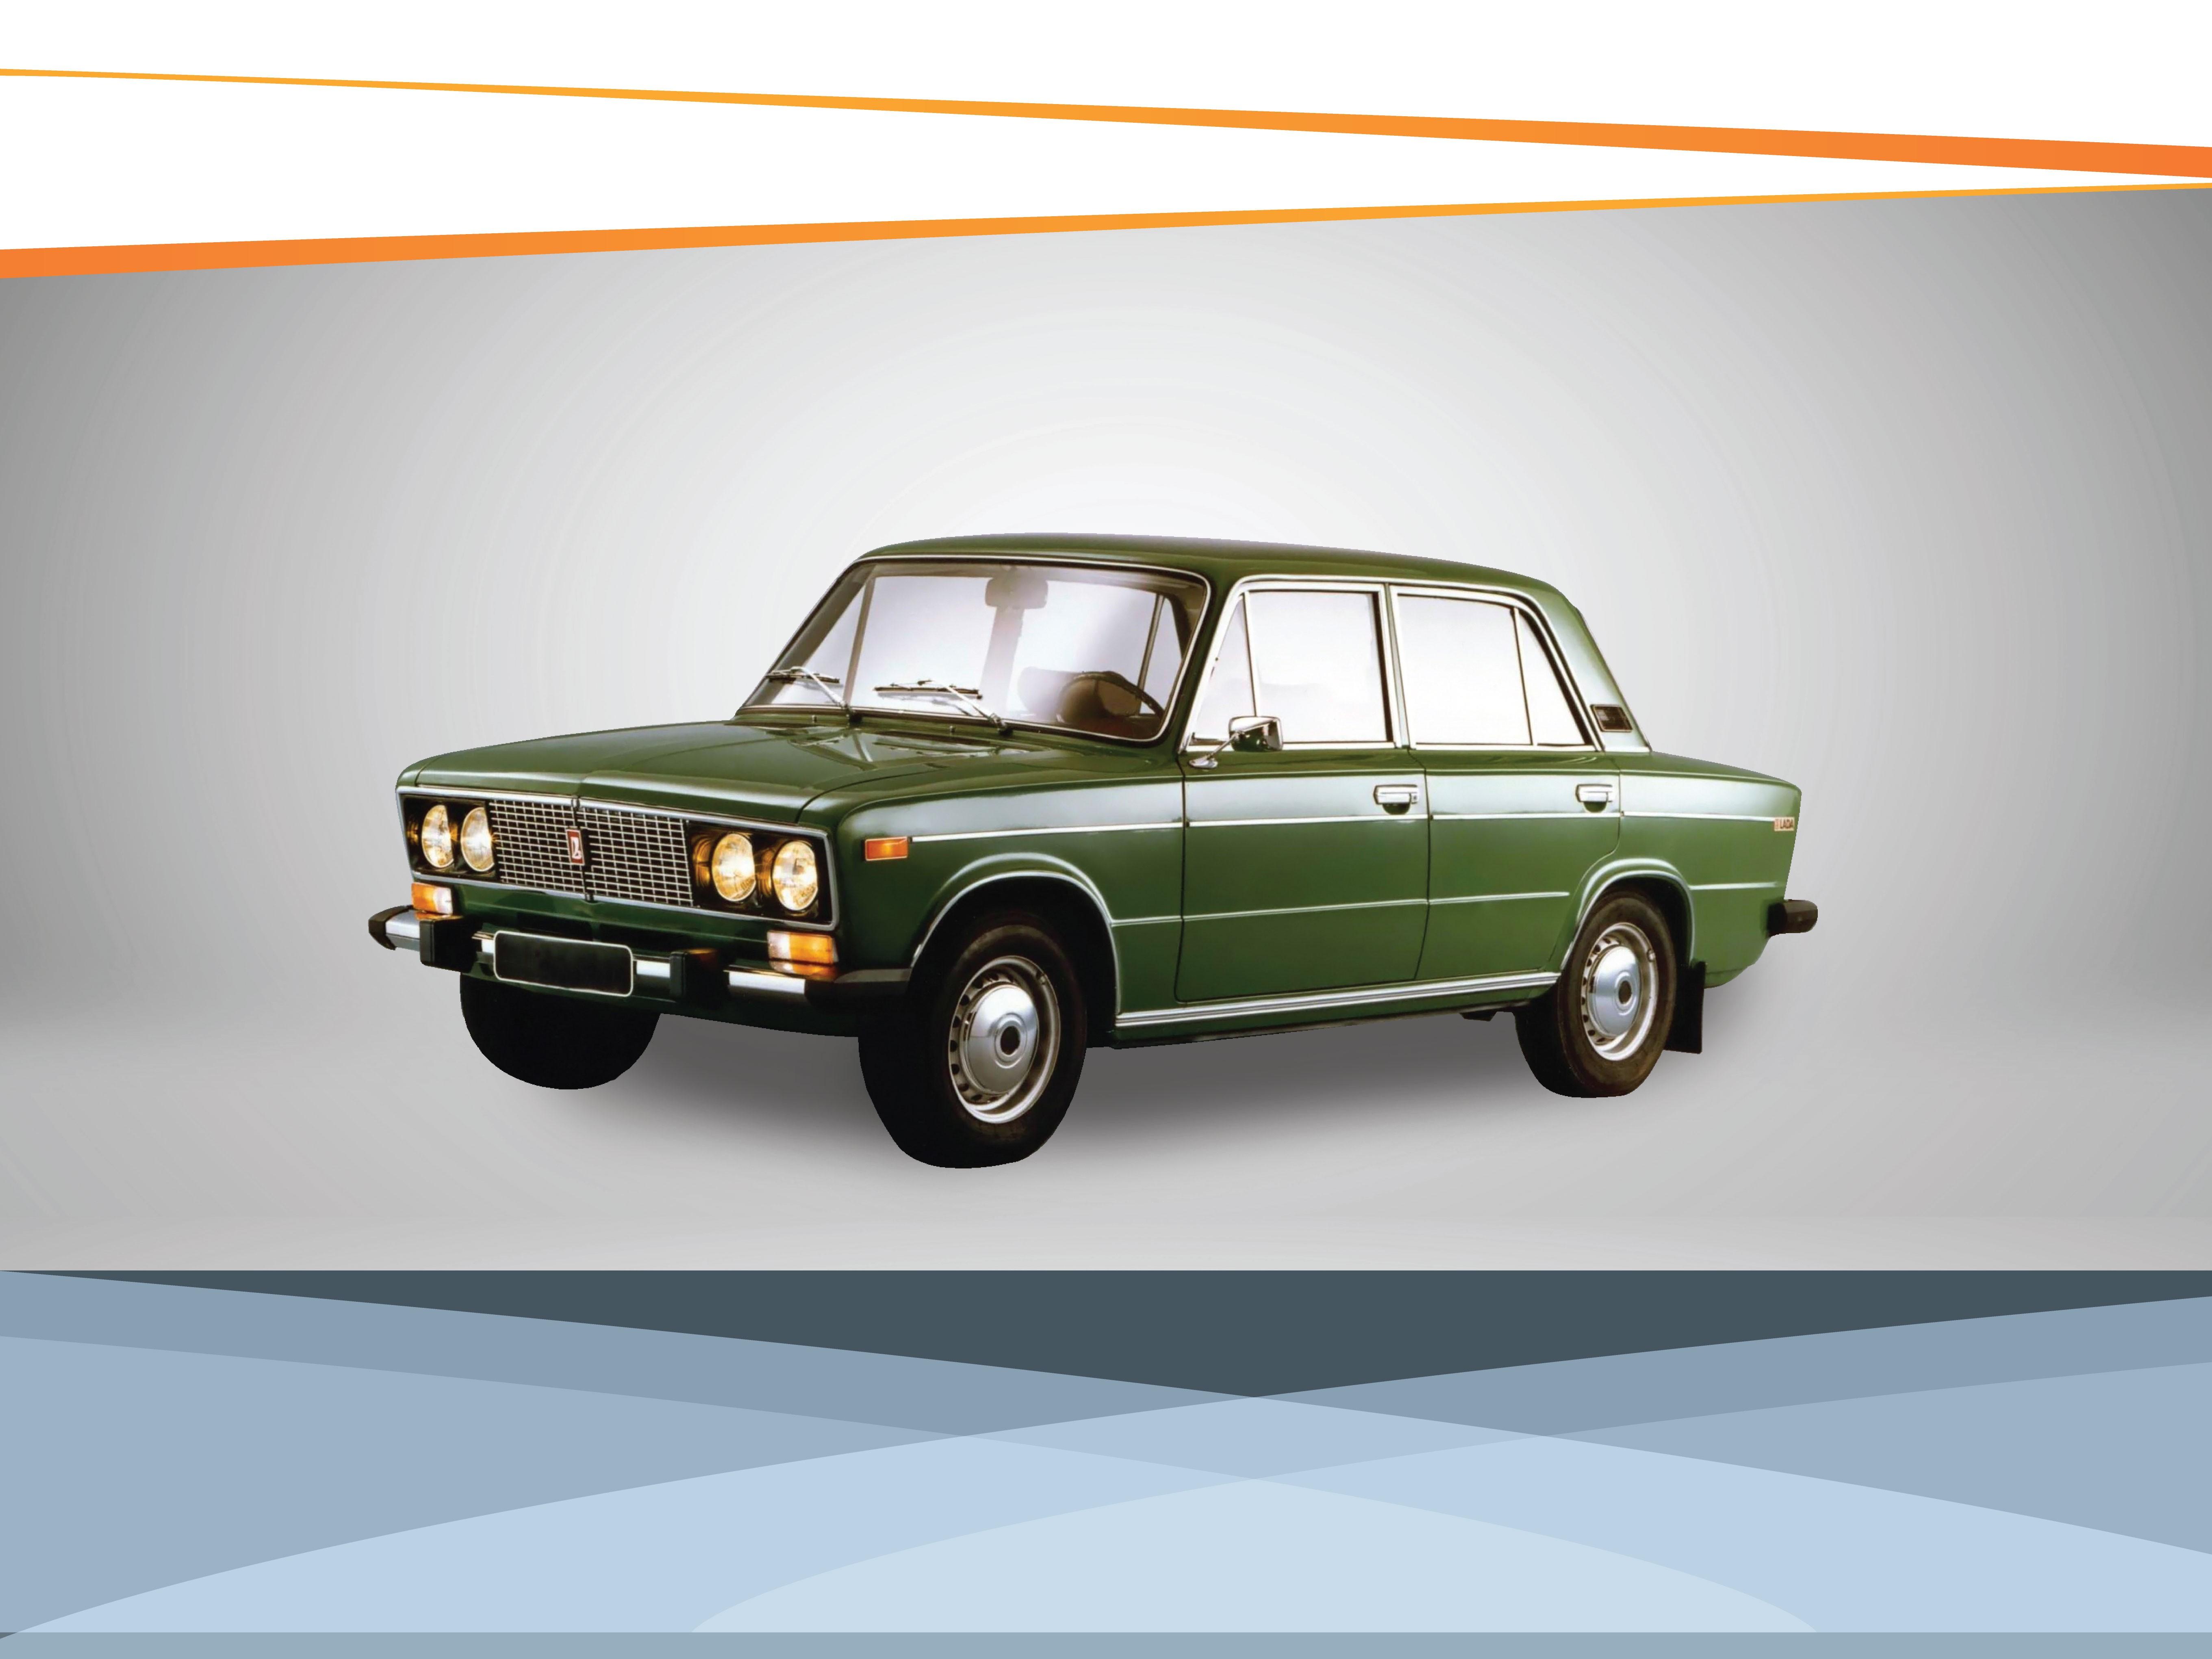 Следом за Nissan: АвтоВАЗ в честь 45-летия «шестёрки» бесплатно отреставрирует 45 клубных ВАЗ-2106